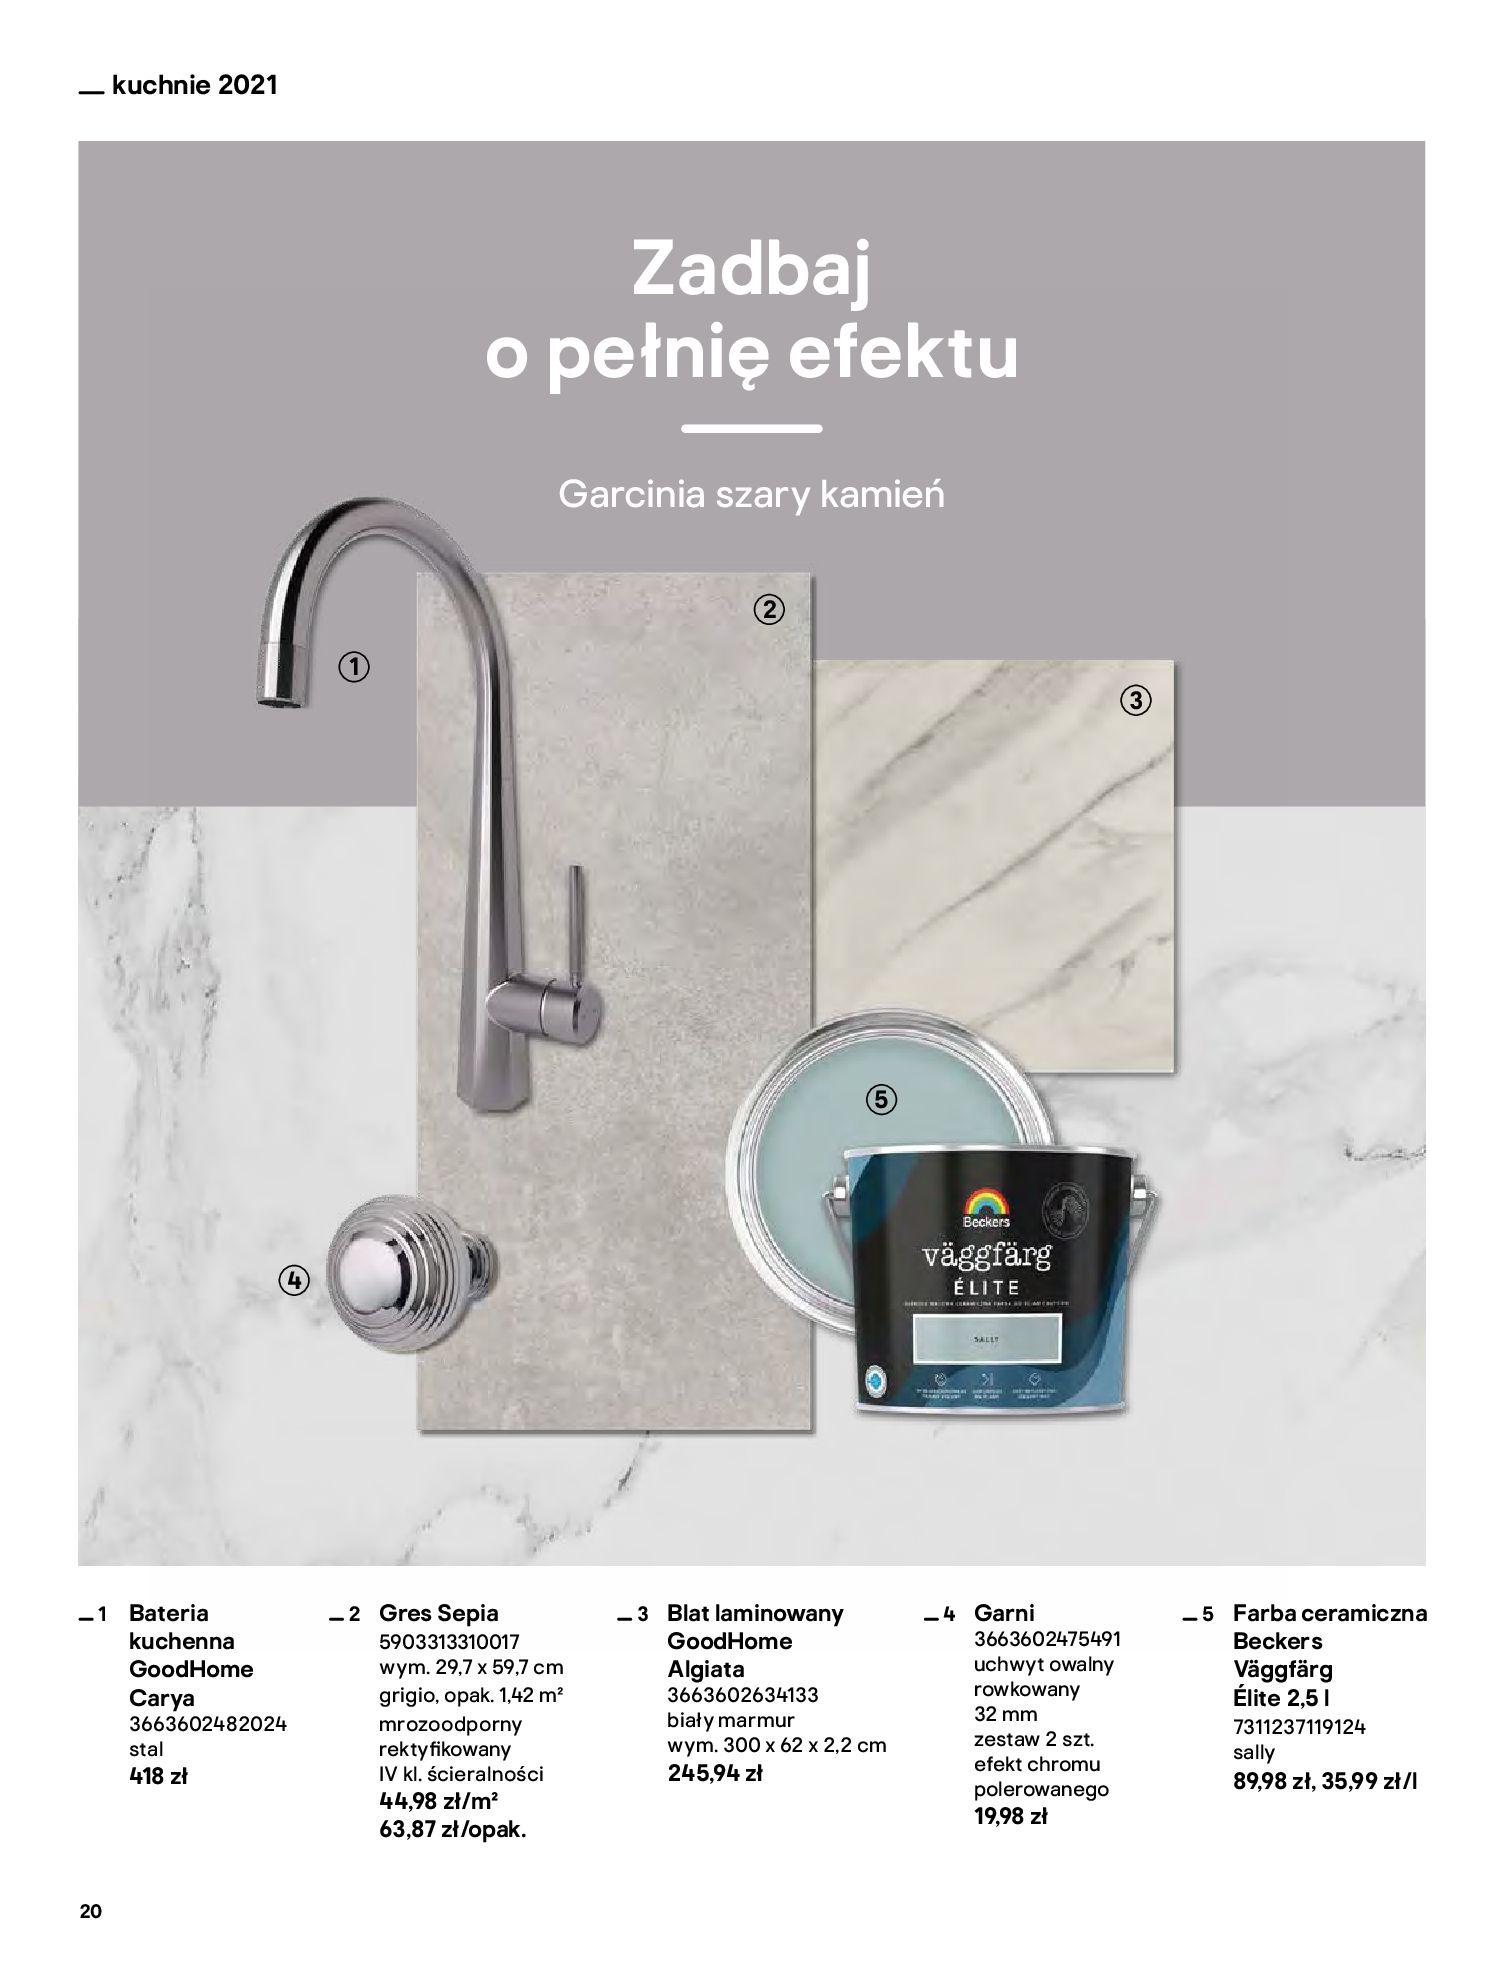 Gazetka Castorama: Katalog kuchnie 2021 2021-05-04 page-20